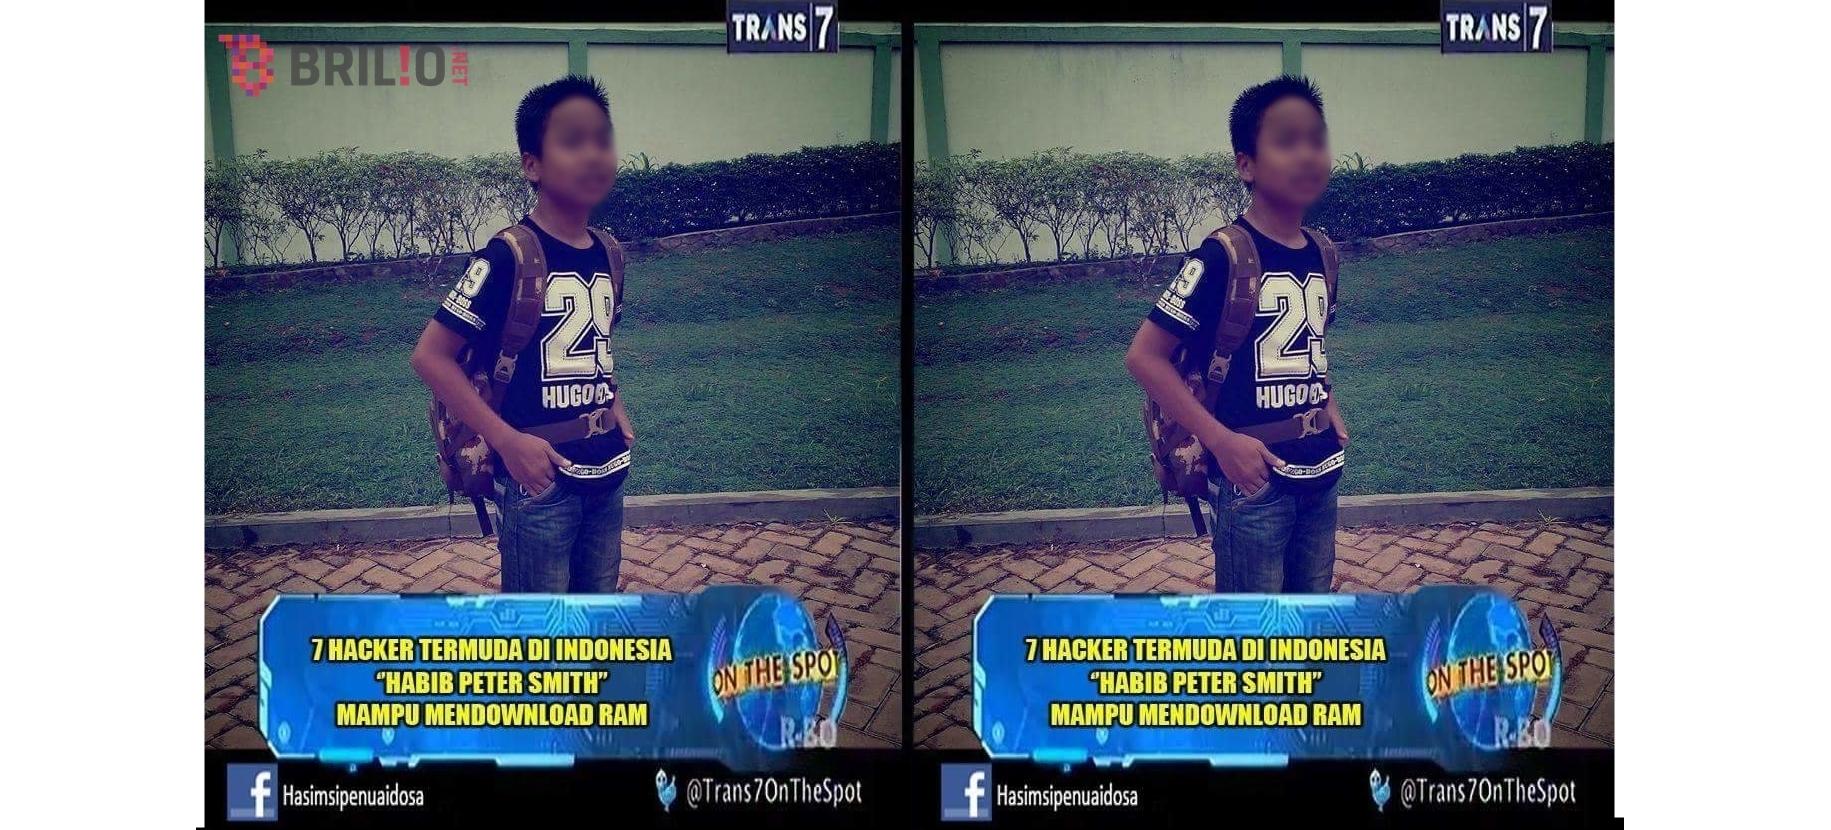 Bocah ini dianggap hacker termuda Indonesia & bisa mengunduh RAM, wow!